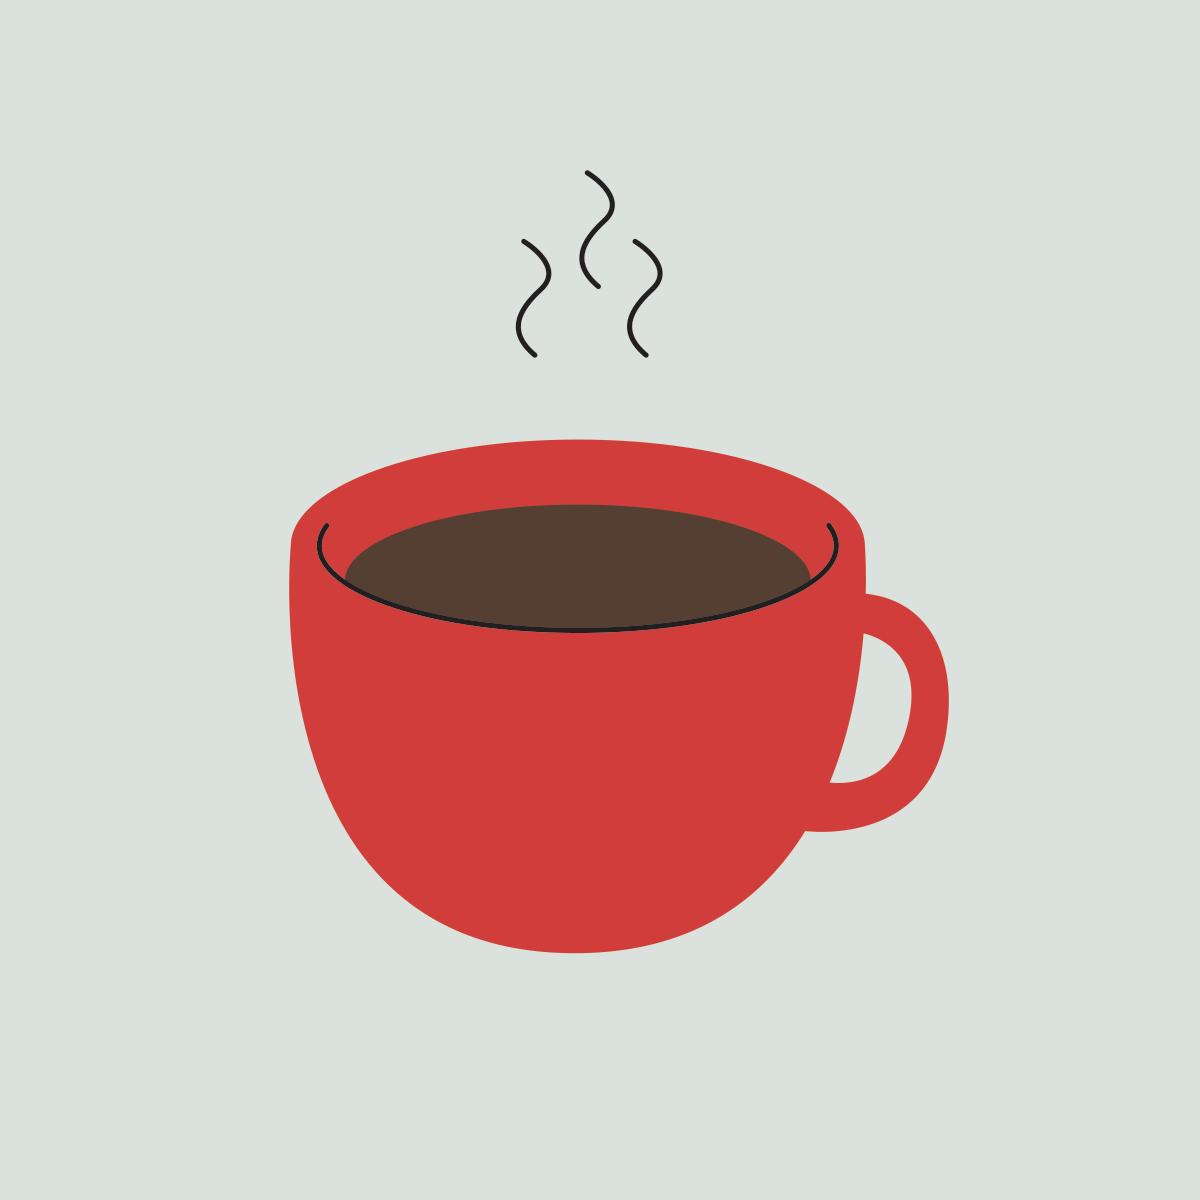 82 coffee